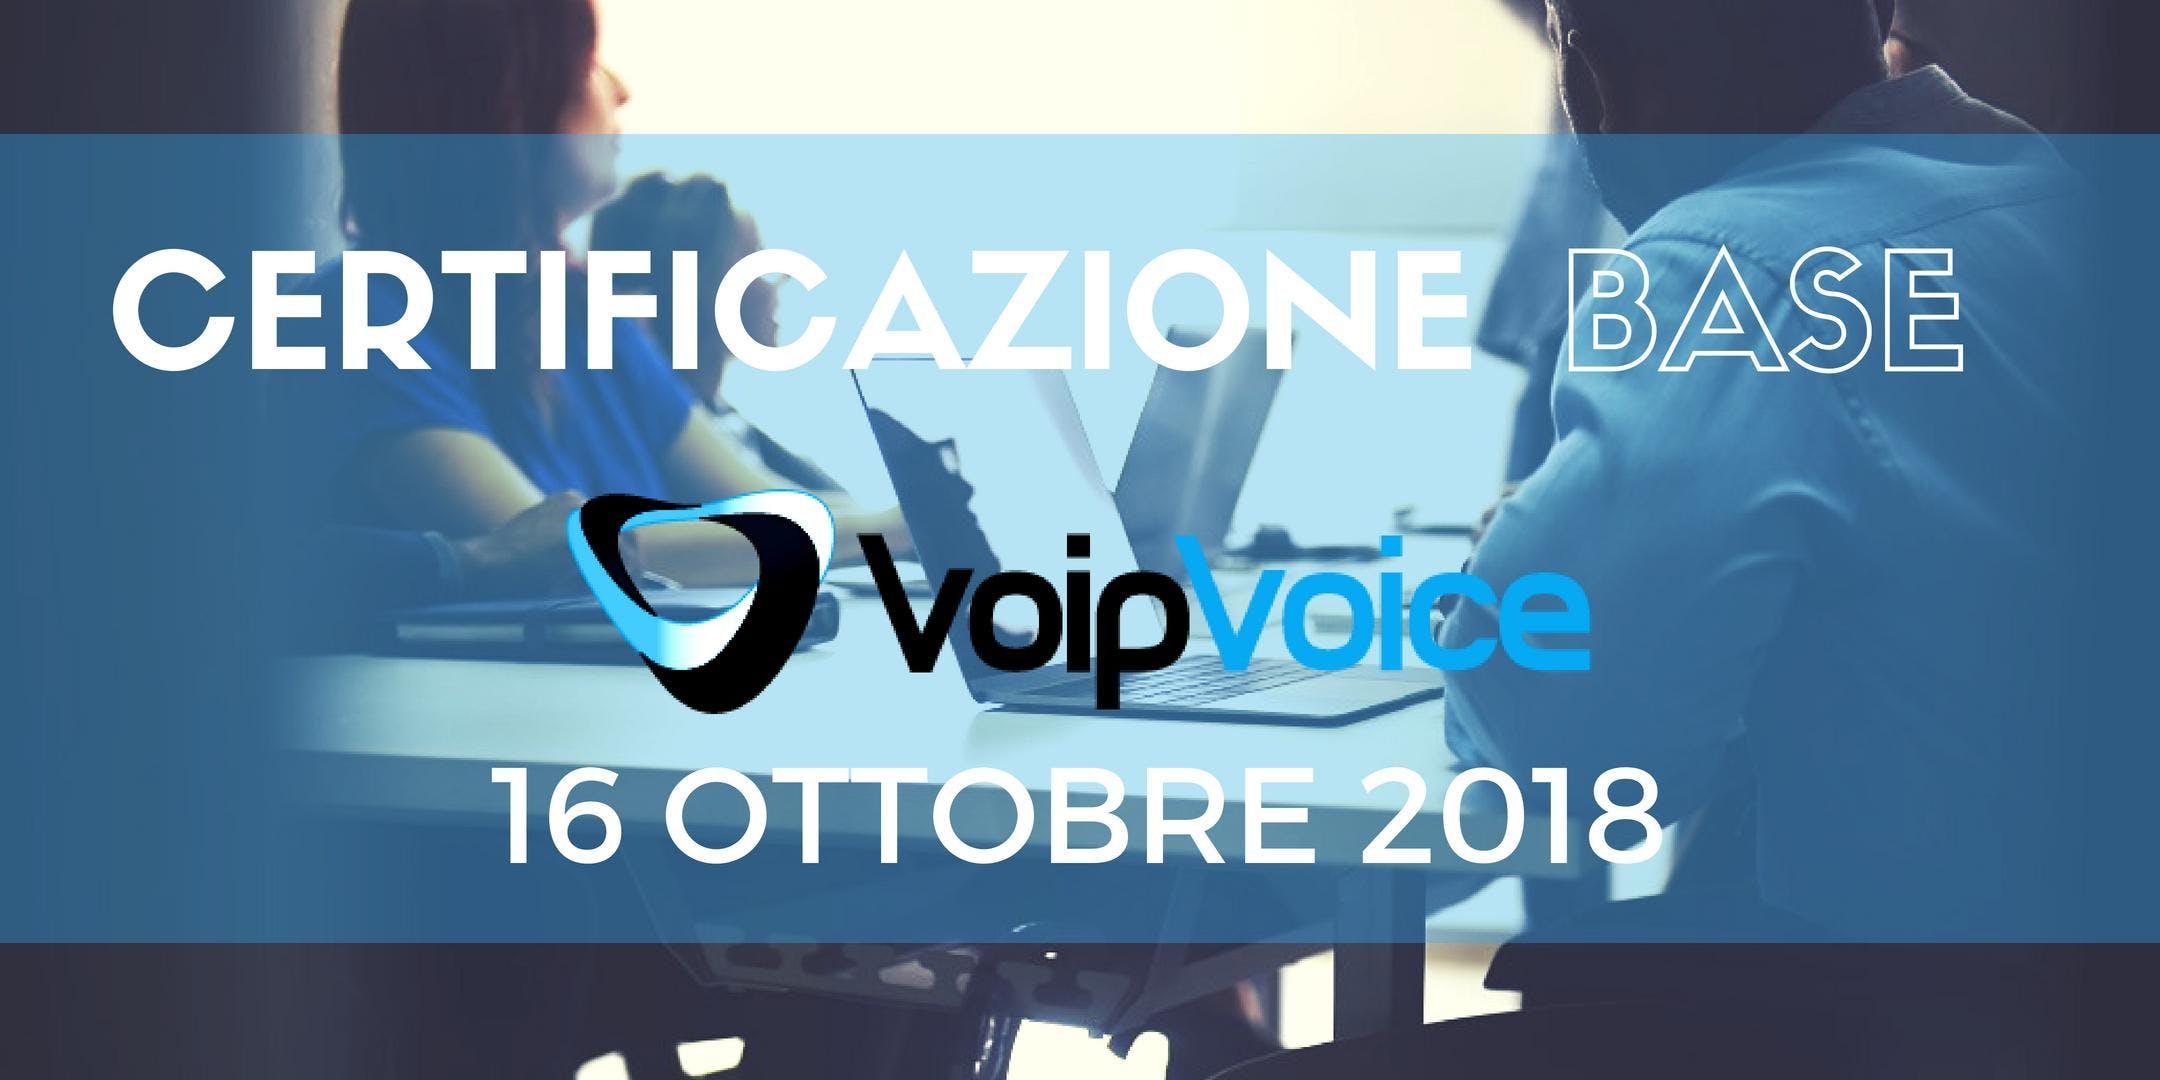 Corso di Certificazione Base VoipVoice Firenz